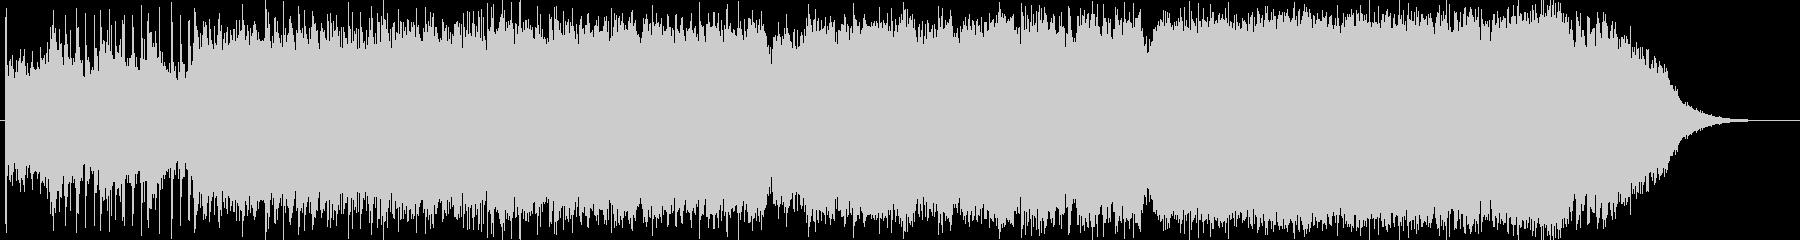 シネマティックトレーラーBGM1の未再生の波形